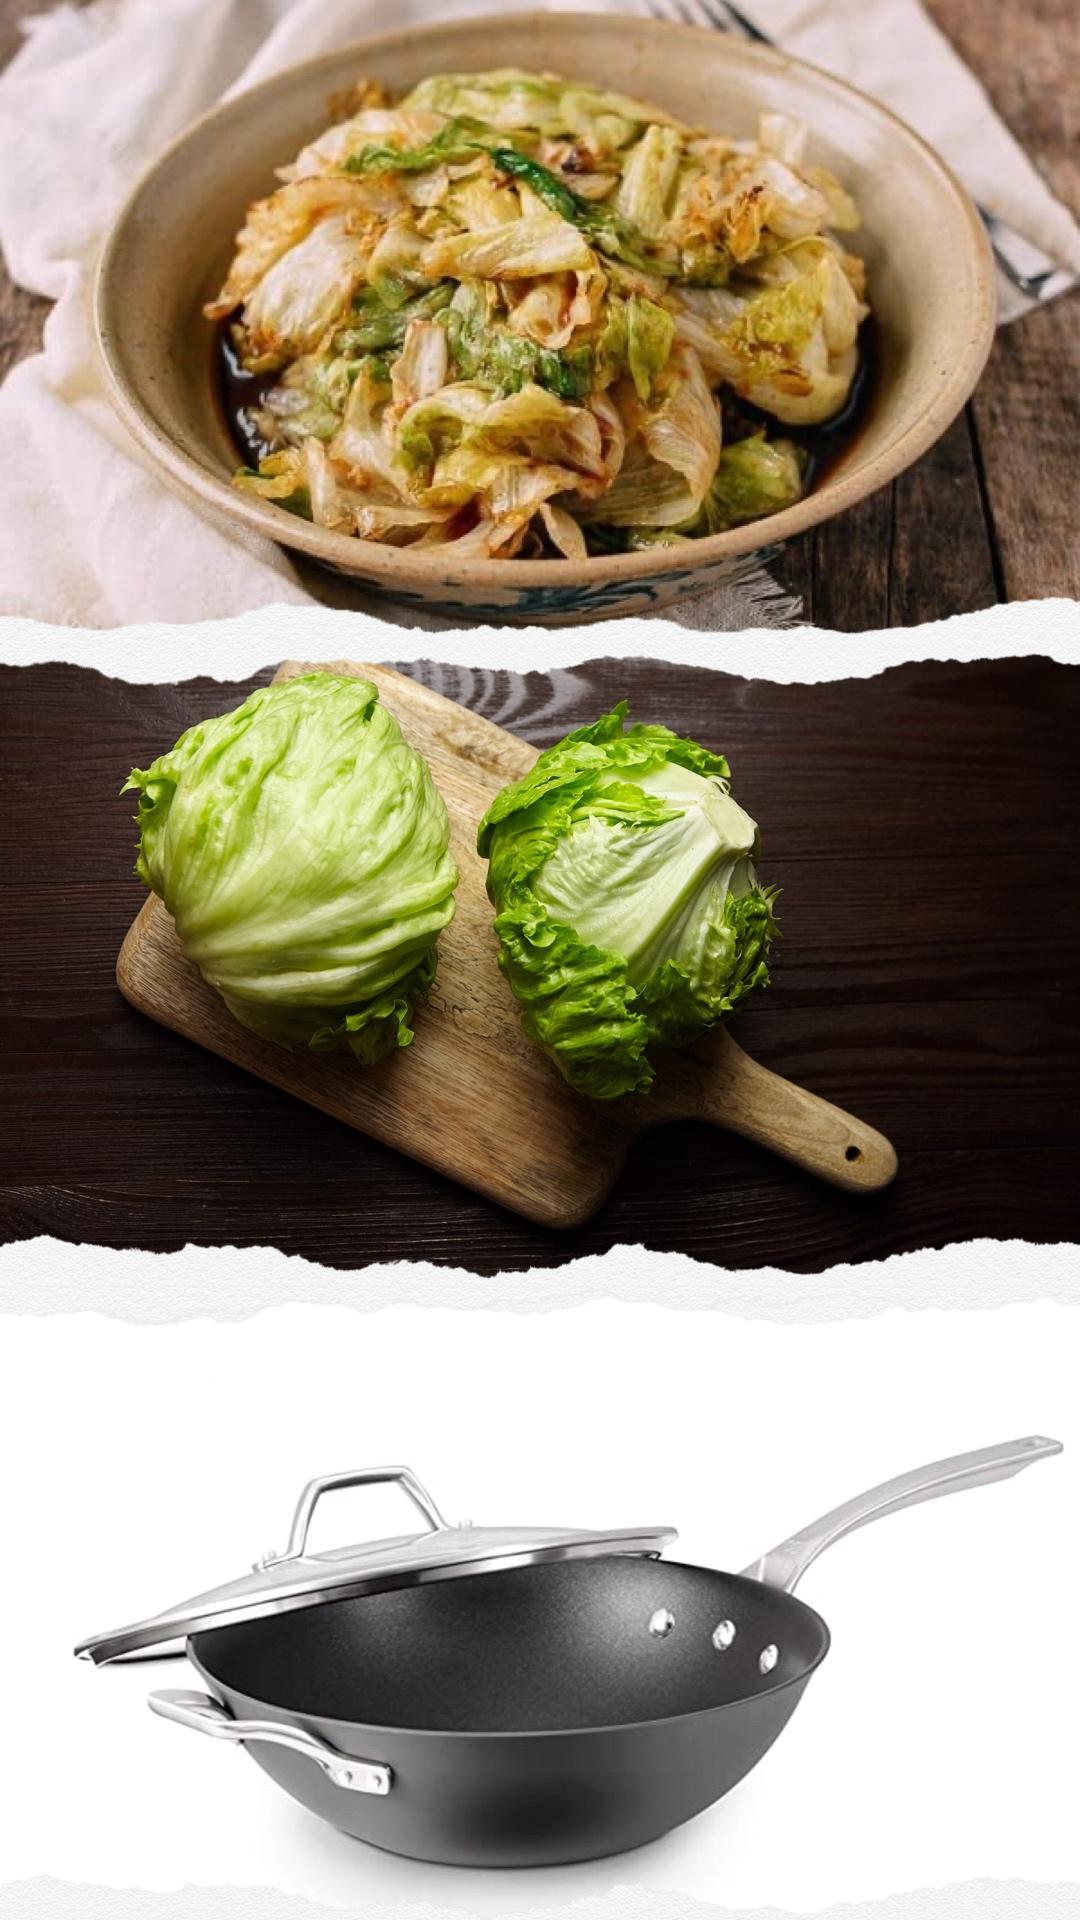 stir-fried lettuce The Woks of Life